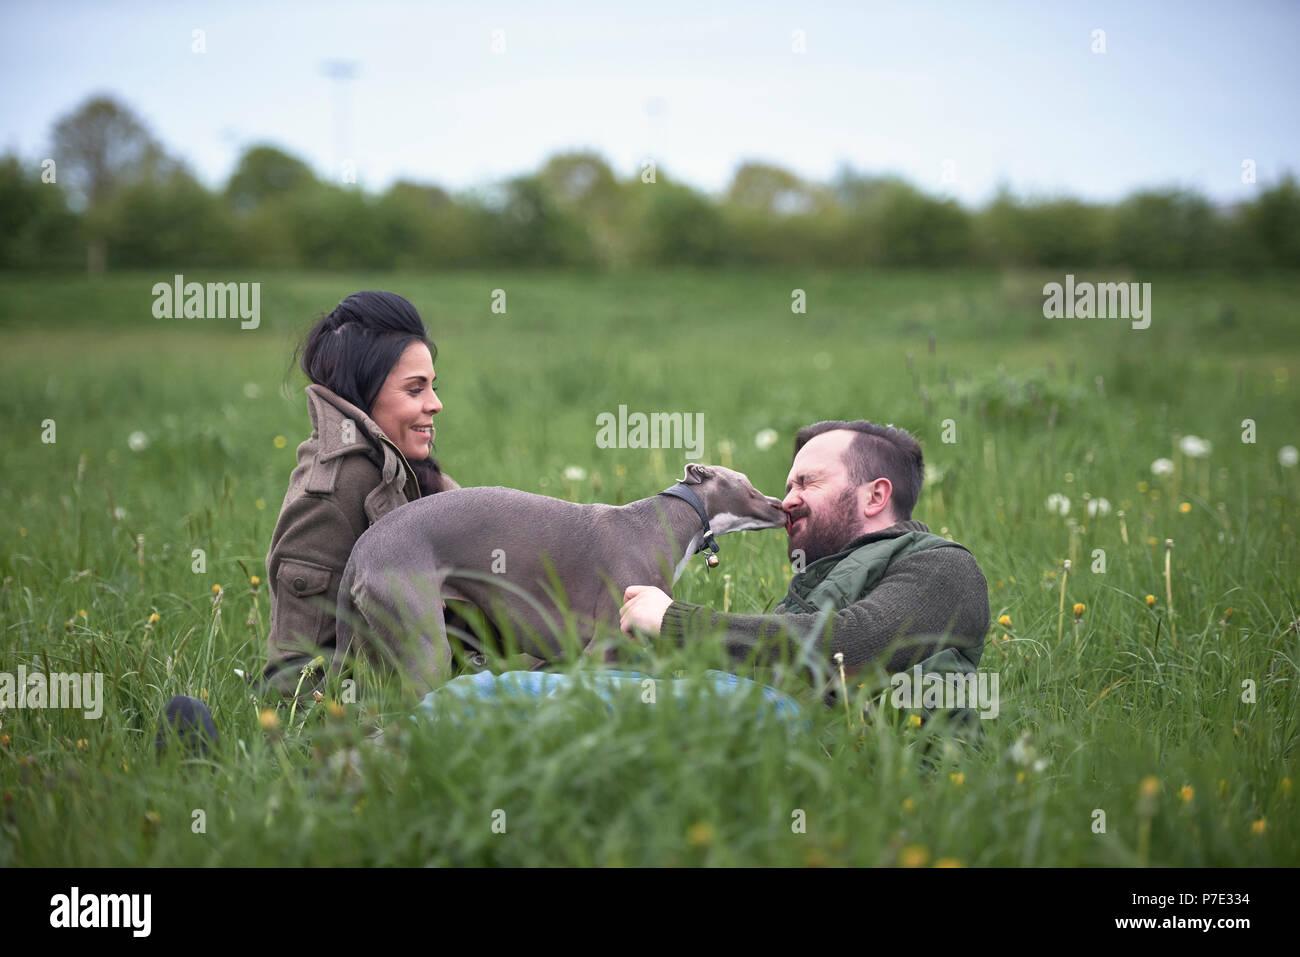 Mann und Frau in Feld spielen mit Hund Stockbild